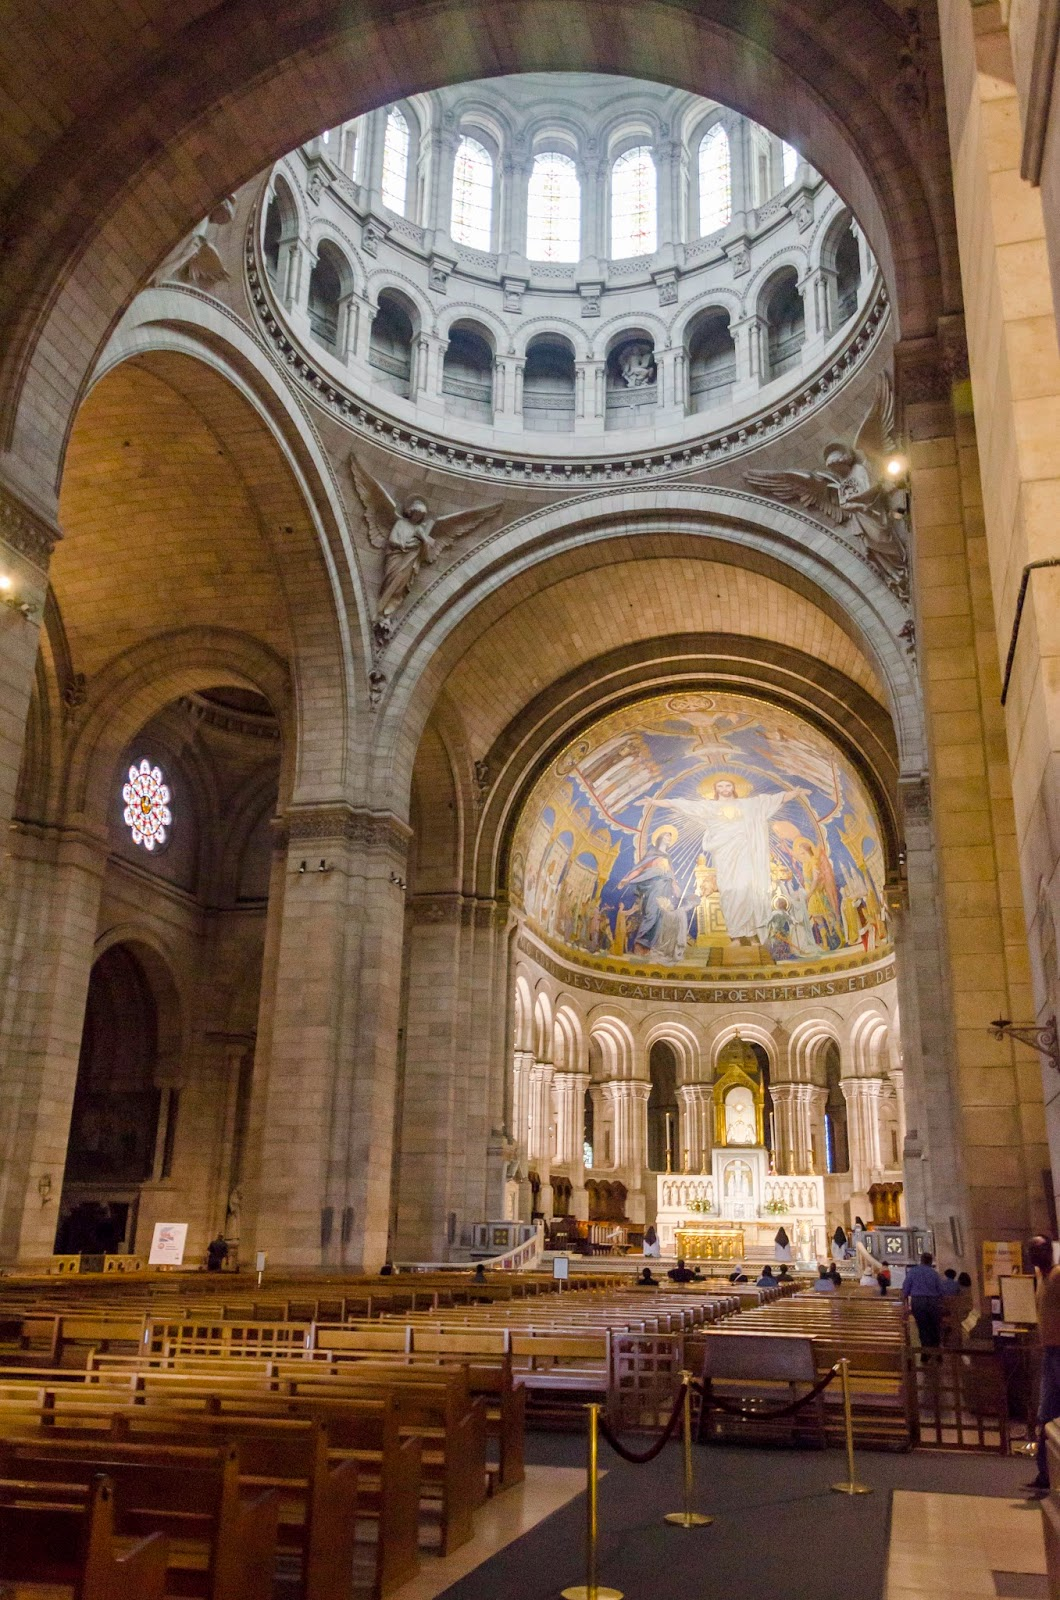 Entrada da Basílica de Montmatre